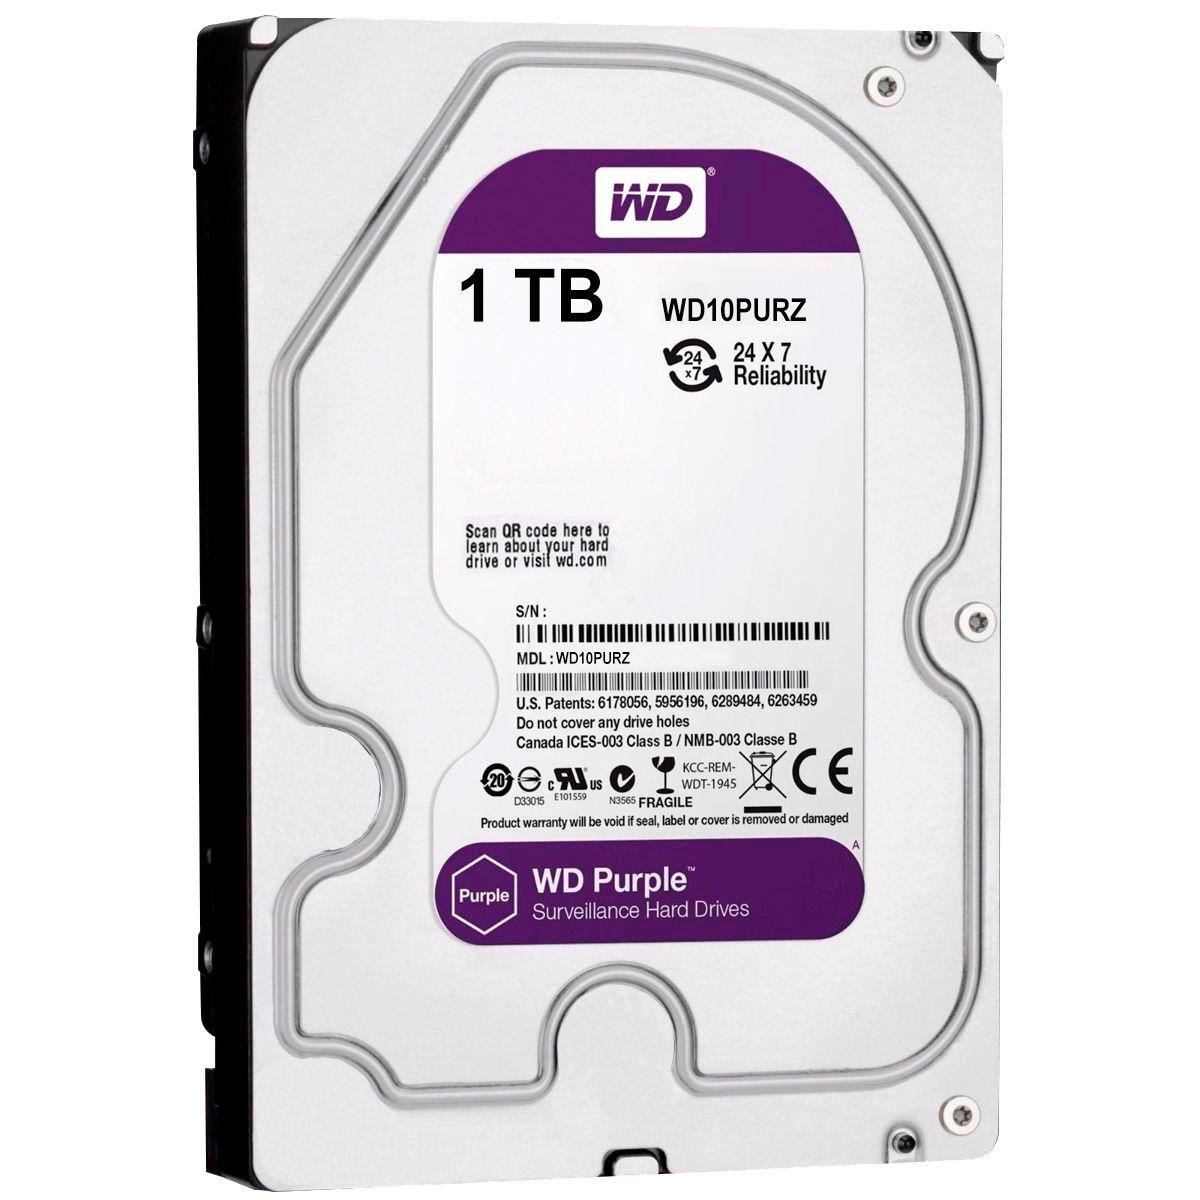 Kit 06 Câmeras IP Full HD Intelbras VIP 3220 B + NVD 1208 + HD WD Purple 1TB  - Tudo Forte